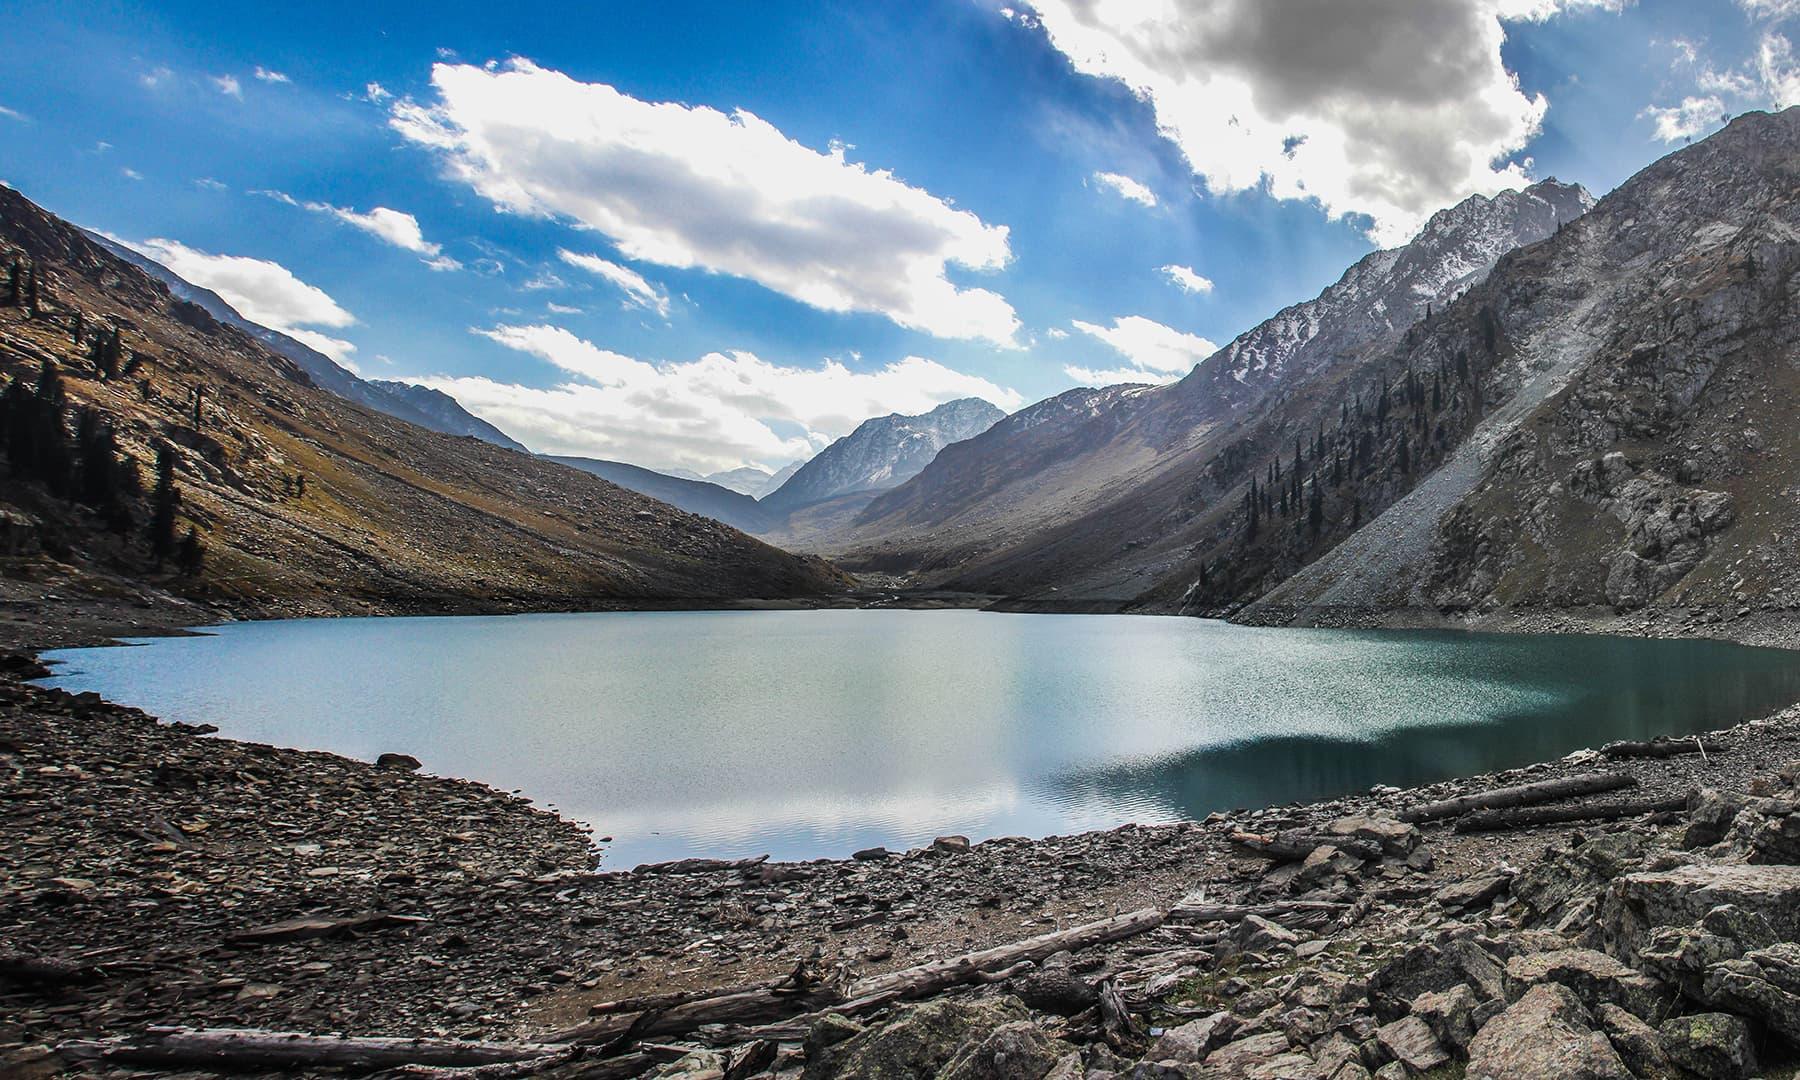 کنڈول جھیل پر پڑنے والی پہلی نظر—تصویر امجد علی سحاب